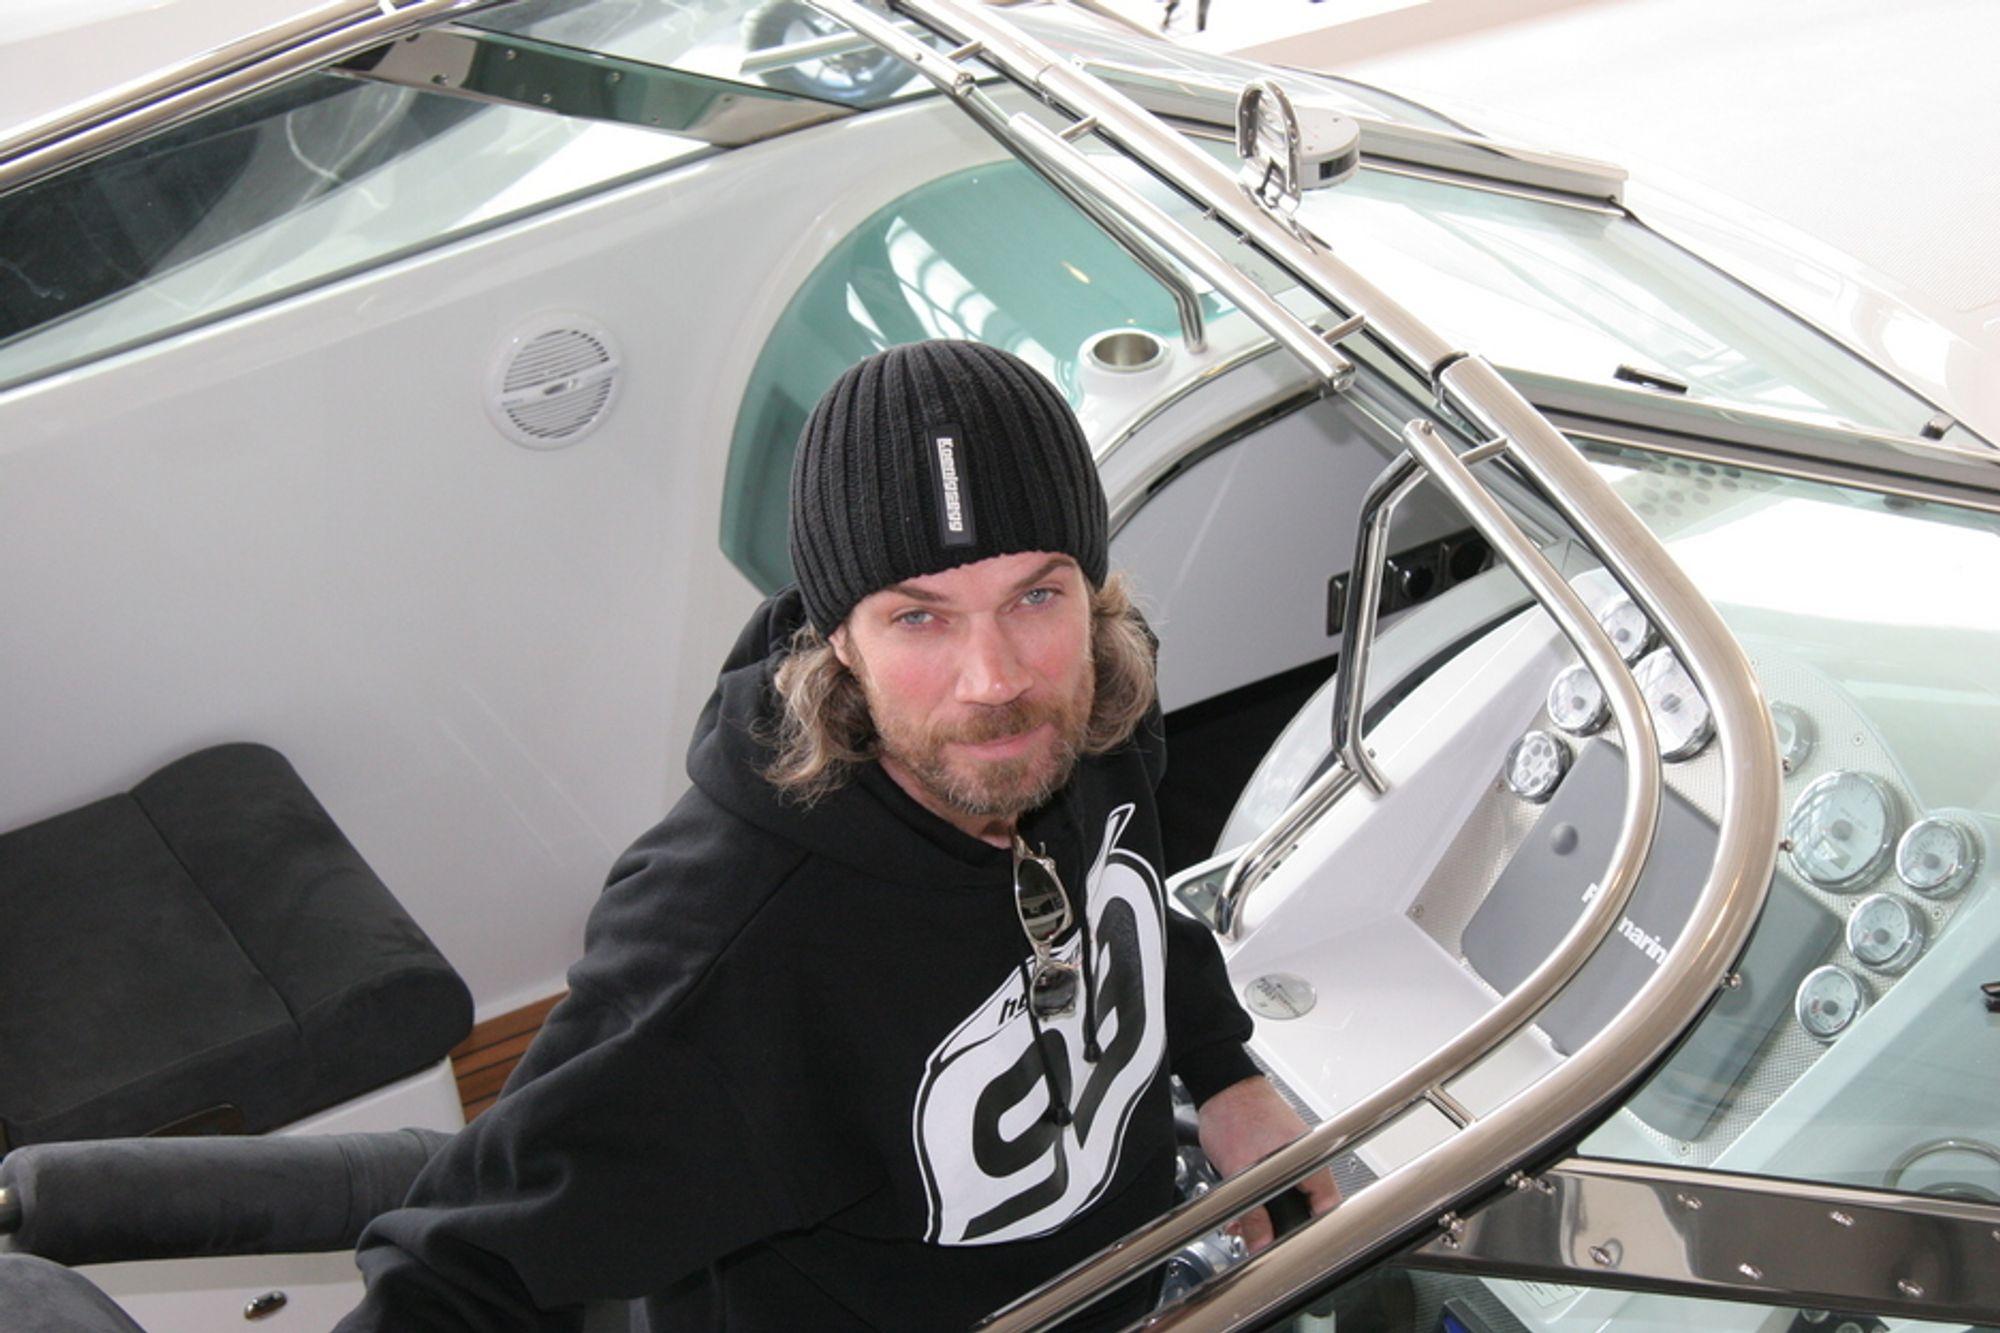 EIER: Bård Eker er største eier i Koenigsegg, som trolig overtar Saab. Men han vil ikke si så mye om saken.